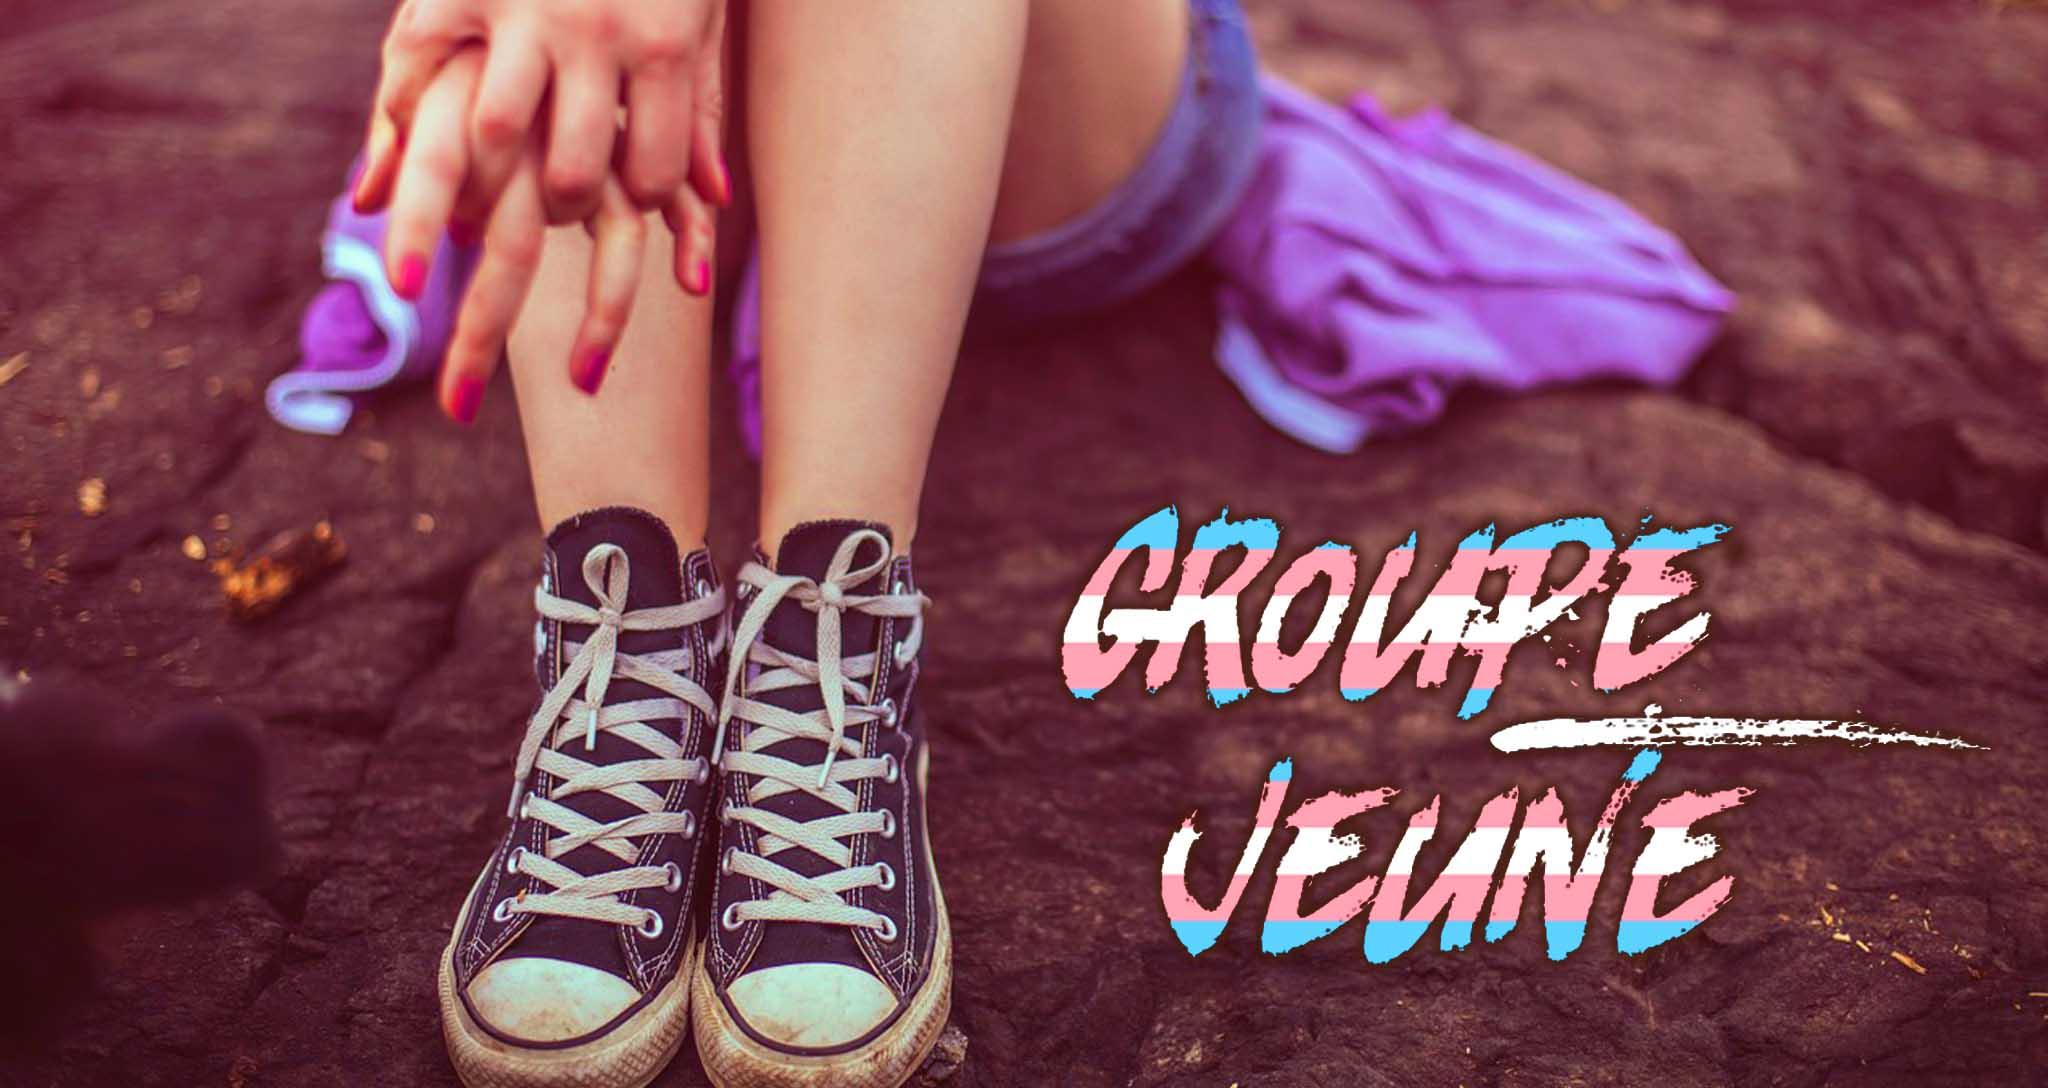 réunion du groupe jeunes trans*